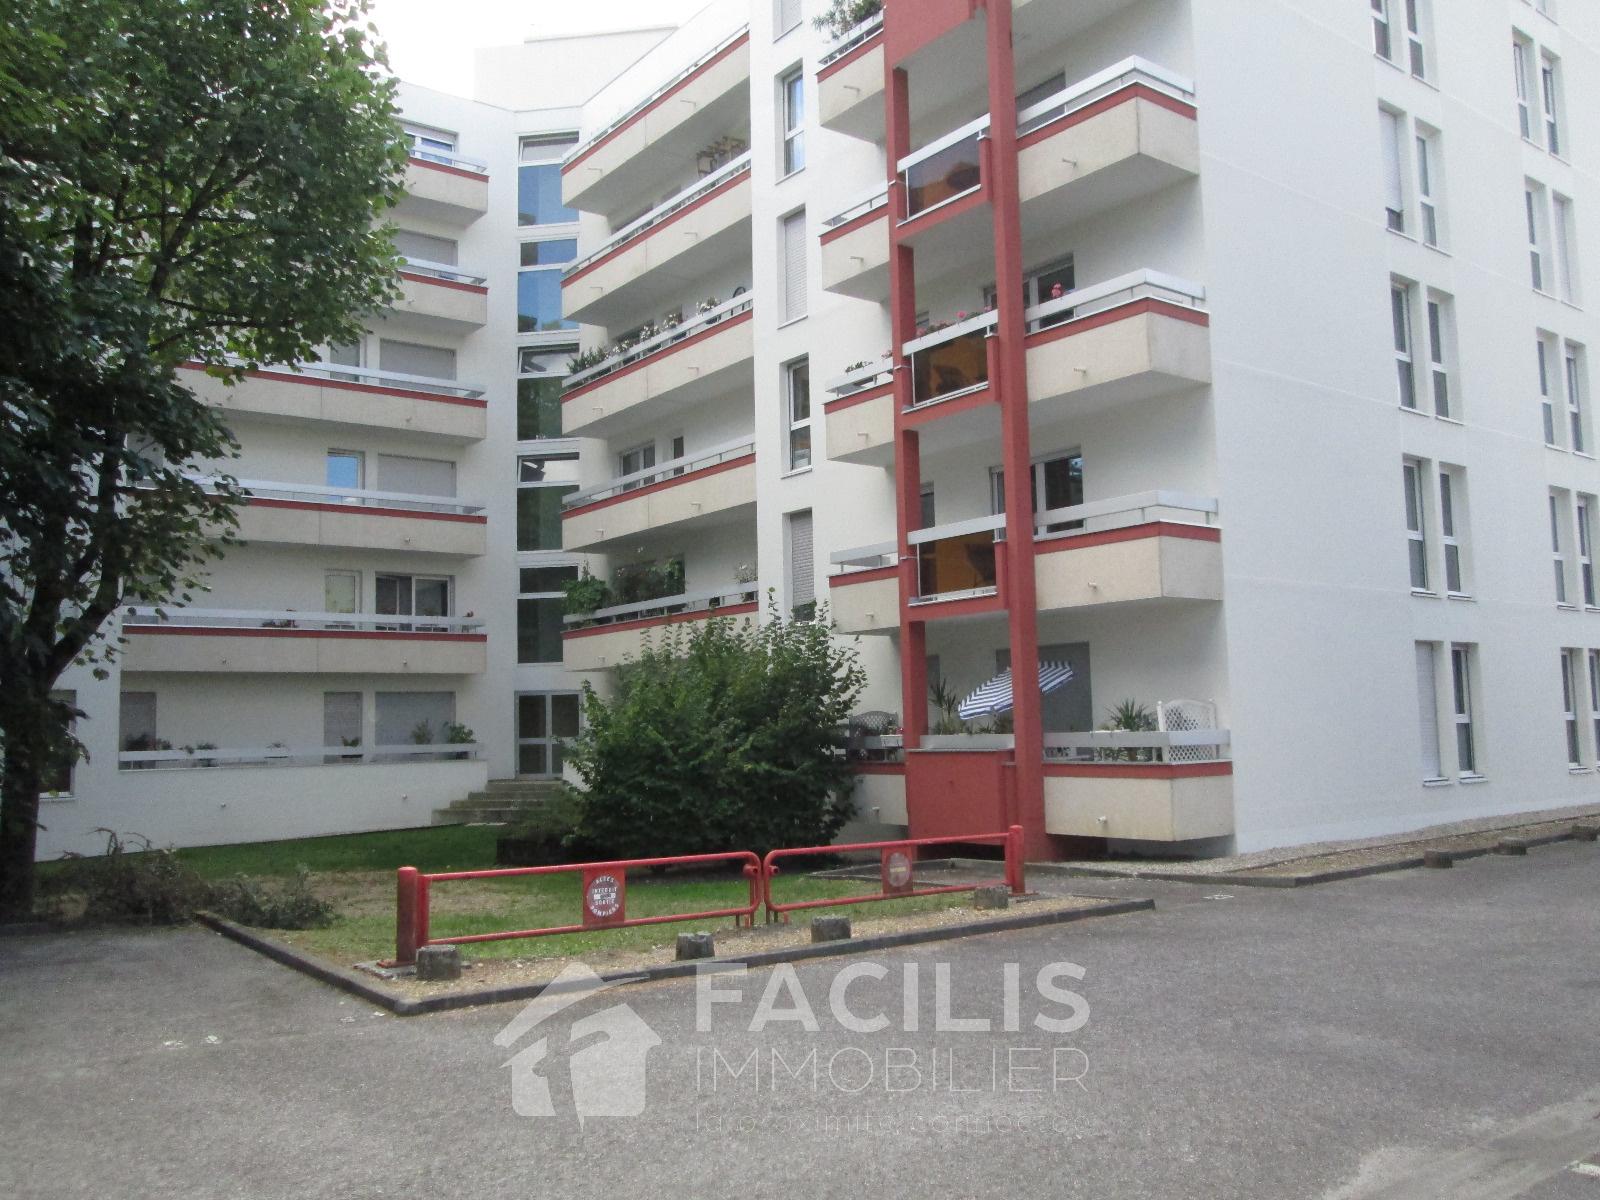 Vente appartement bordeaux 4 pi ces 78m 228 000 sur le for Vente appartement sur bordeaux